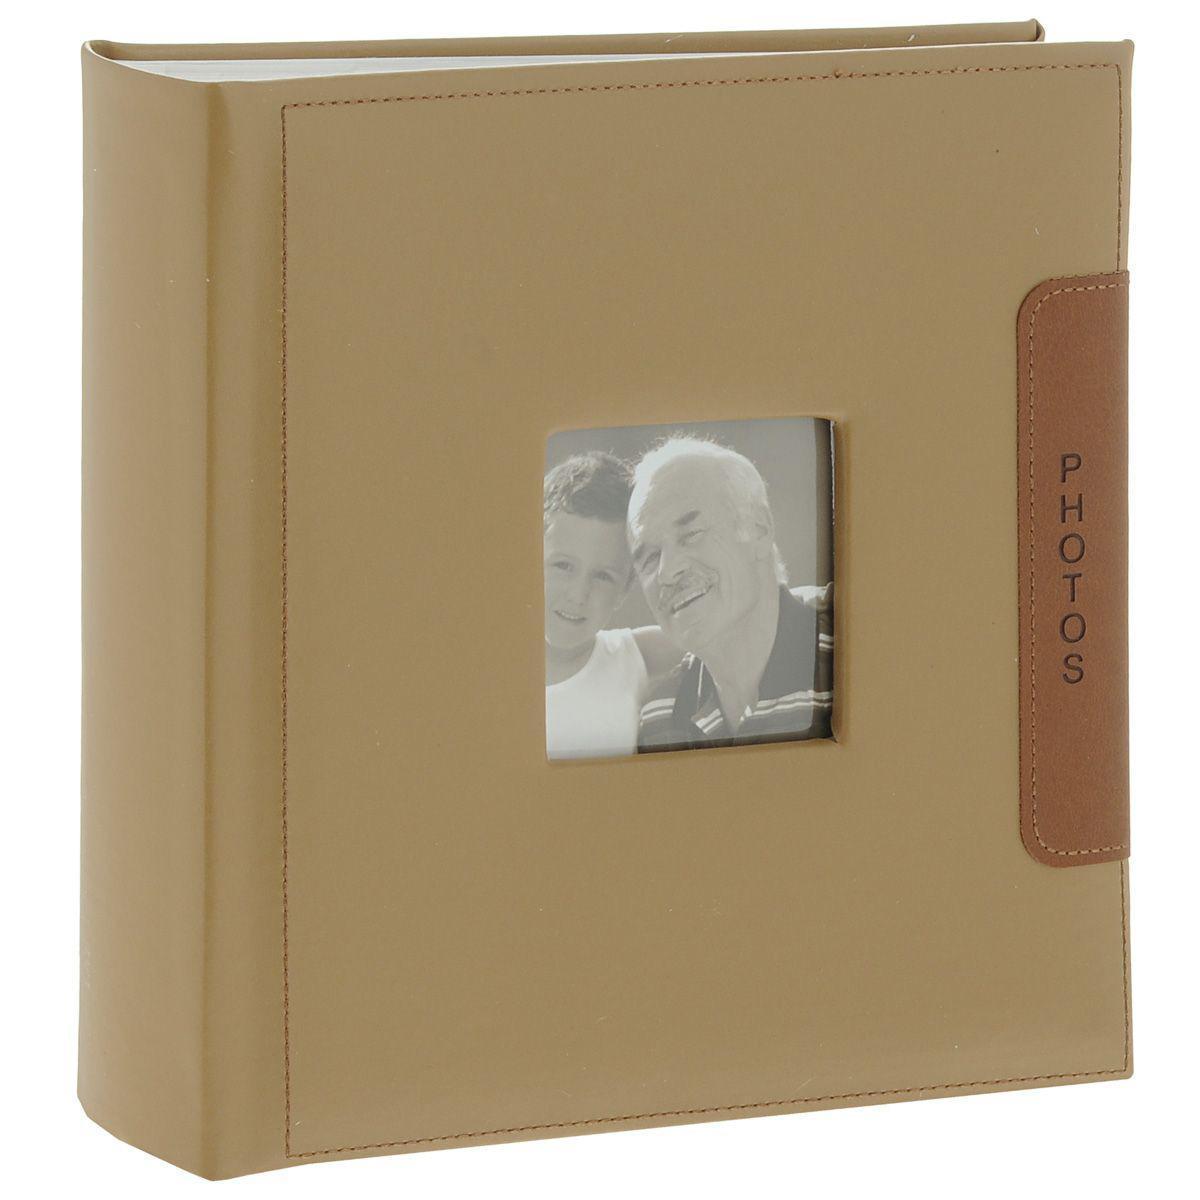 Фотоальбом Image Art -200 10x15 (BBM46200/2) серия 046BBM46200/2/046Фотоальбом Image Art сохранит моменты ваших счастливых мгновений на своих страницах! Обложка из плотного картона обтянута кожей бежевого цвета. С лицевой стороны обложки имеется квадратное окошко для вашей самой любимой фотографии. Внутри содержится блок из 50 белых листов. Альбом рассчитан на 200 фотографий форматом 15 см х 10 см. Для фотографий предусмотрено поле для записей. На каждой странице с фиксатором-окошком из полипропилена можно разместить по 2 фотографии. Переплет книжный. Нам всегда так приятно вспоминать о самых счастливых моментах жизни, запечатленных на фотографиях. Поэтому фотоальбом является универсальным подарком к любому празднику. Вашим родным, близким и просто знакомым будет приятно помещать фотографии в этот альбом.